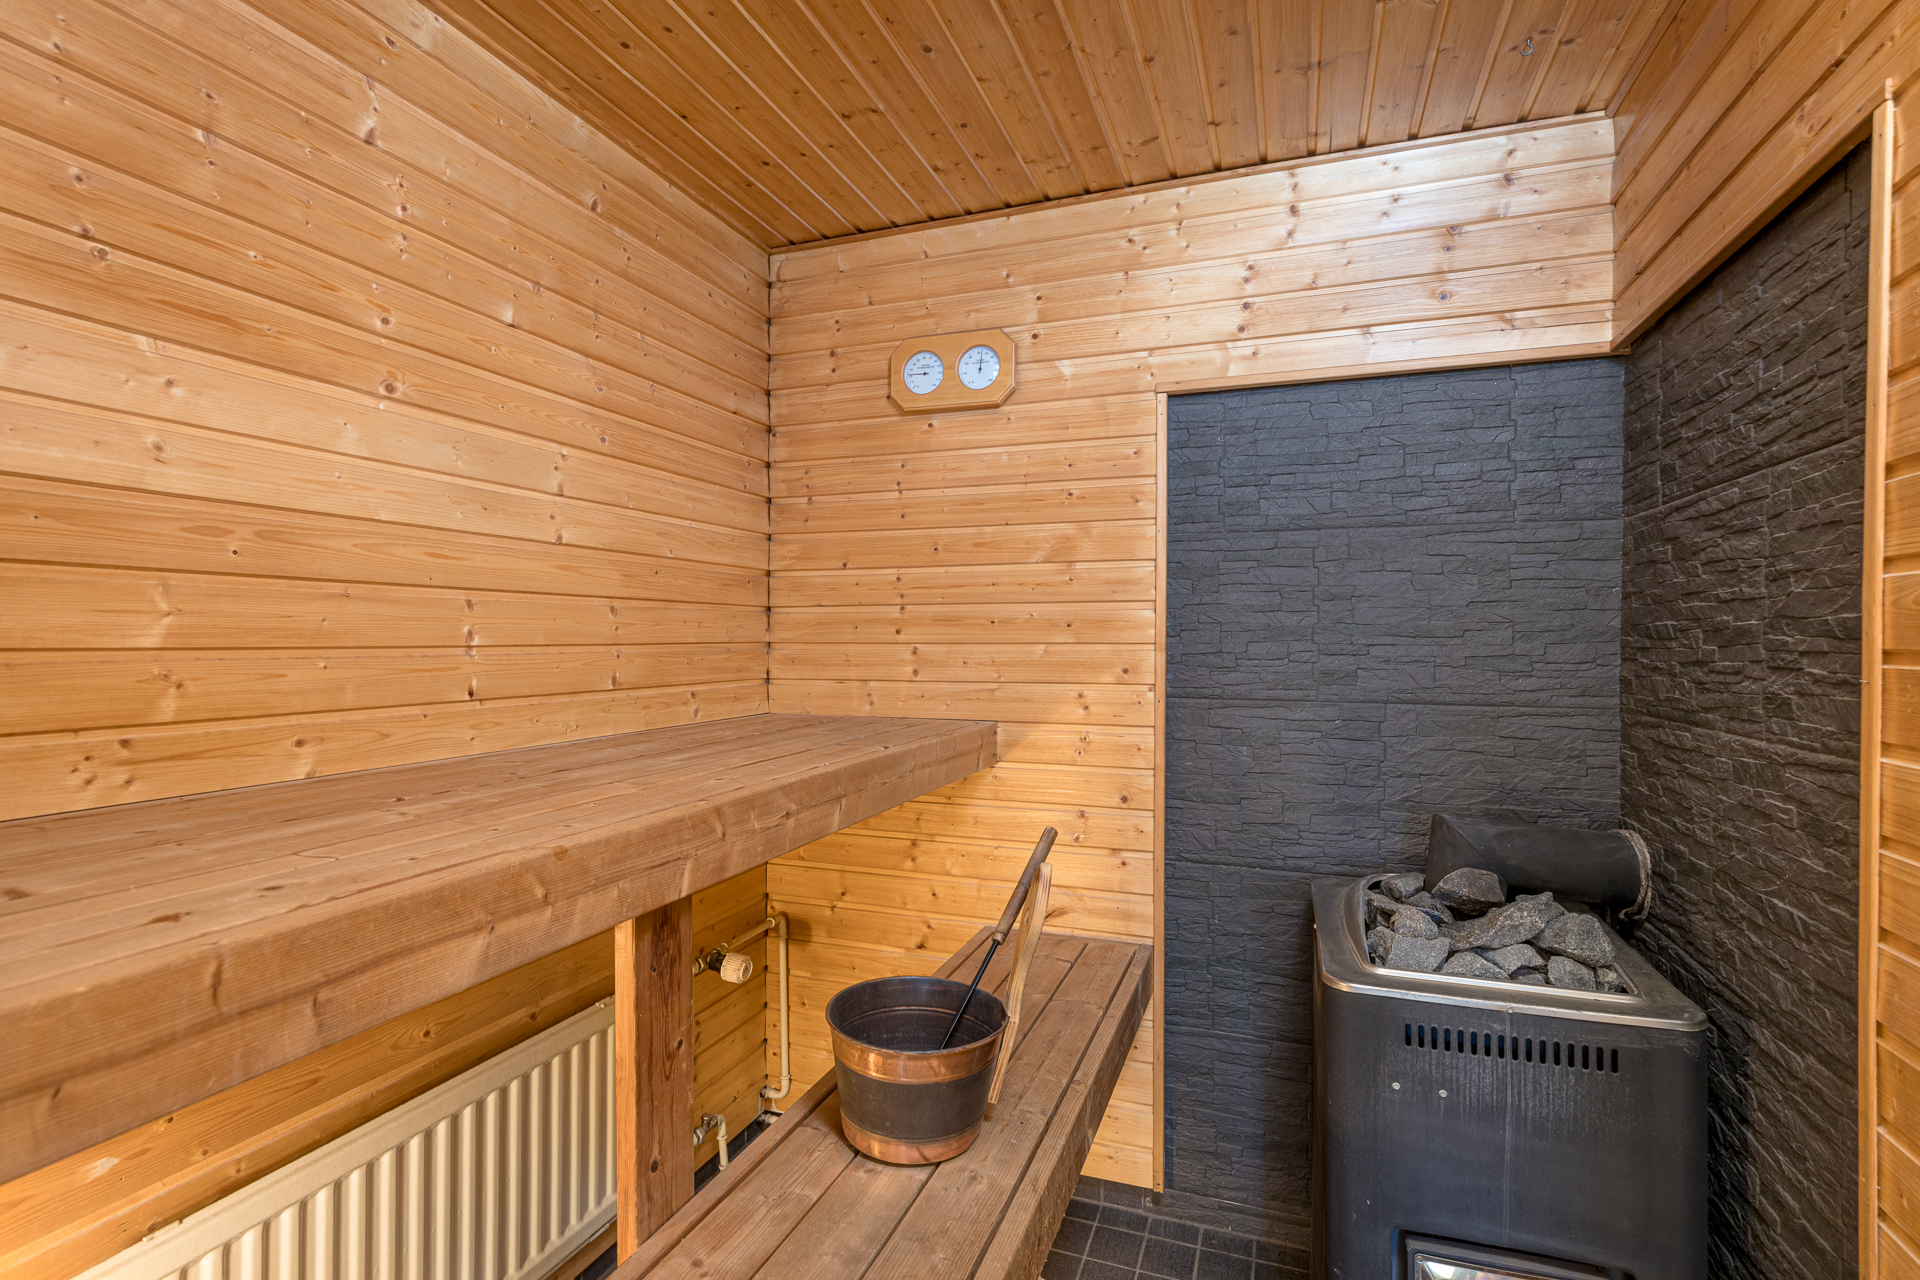 Asuntokuvaus Sauna